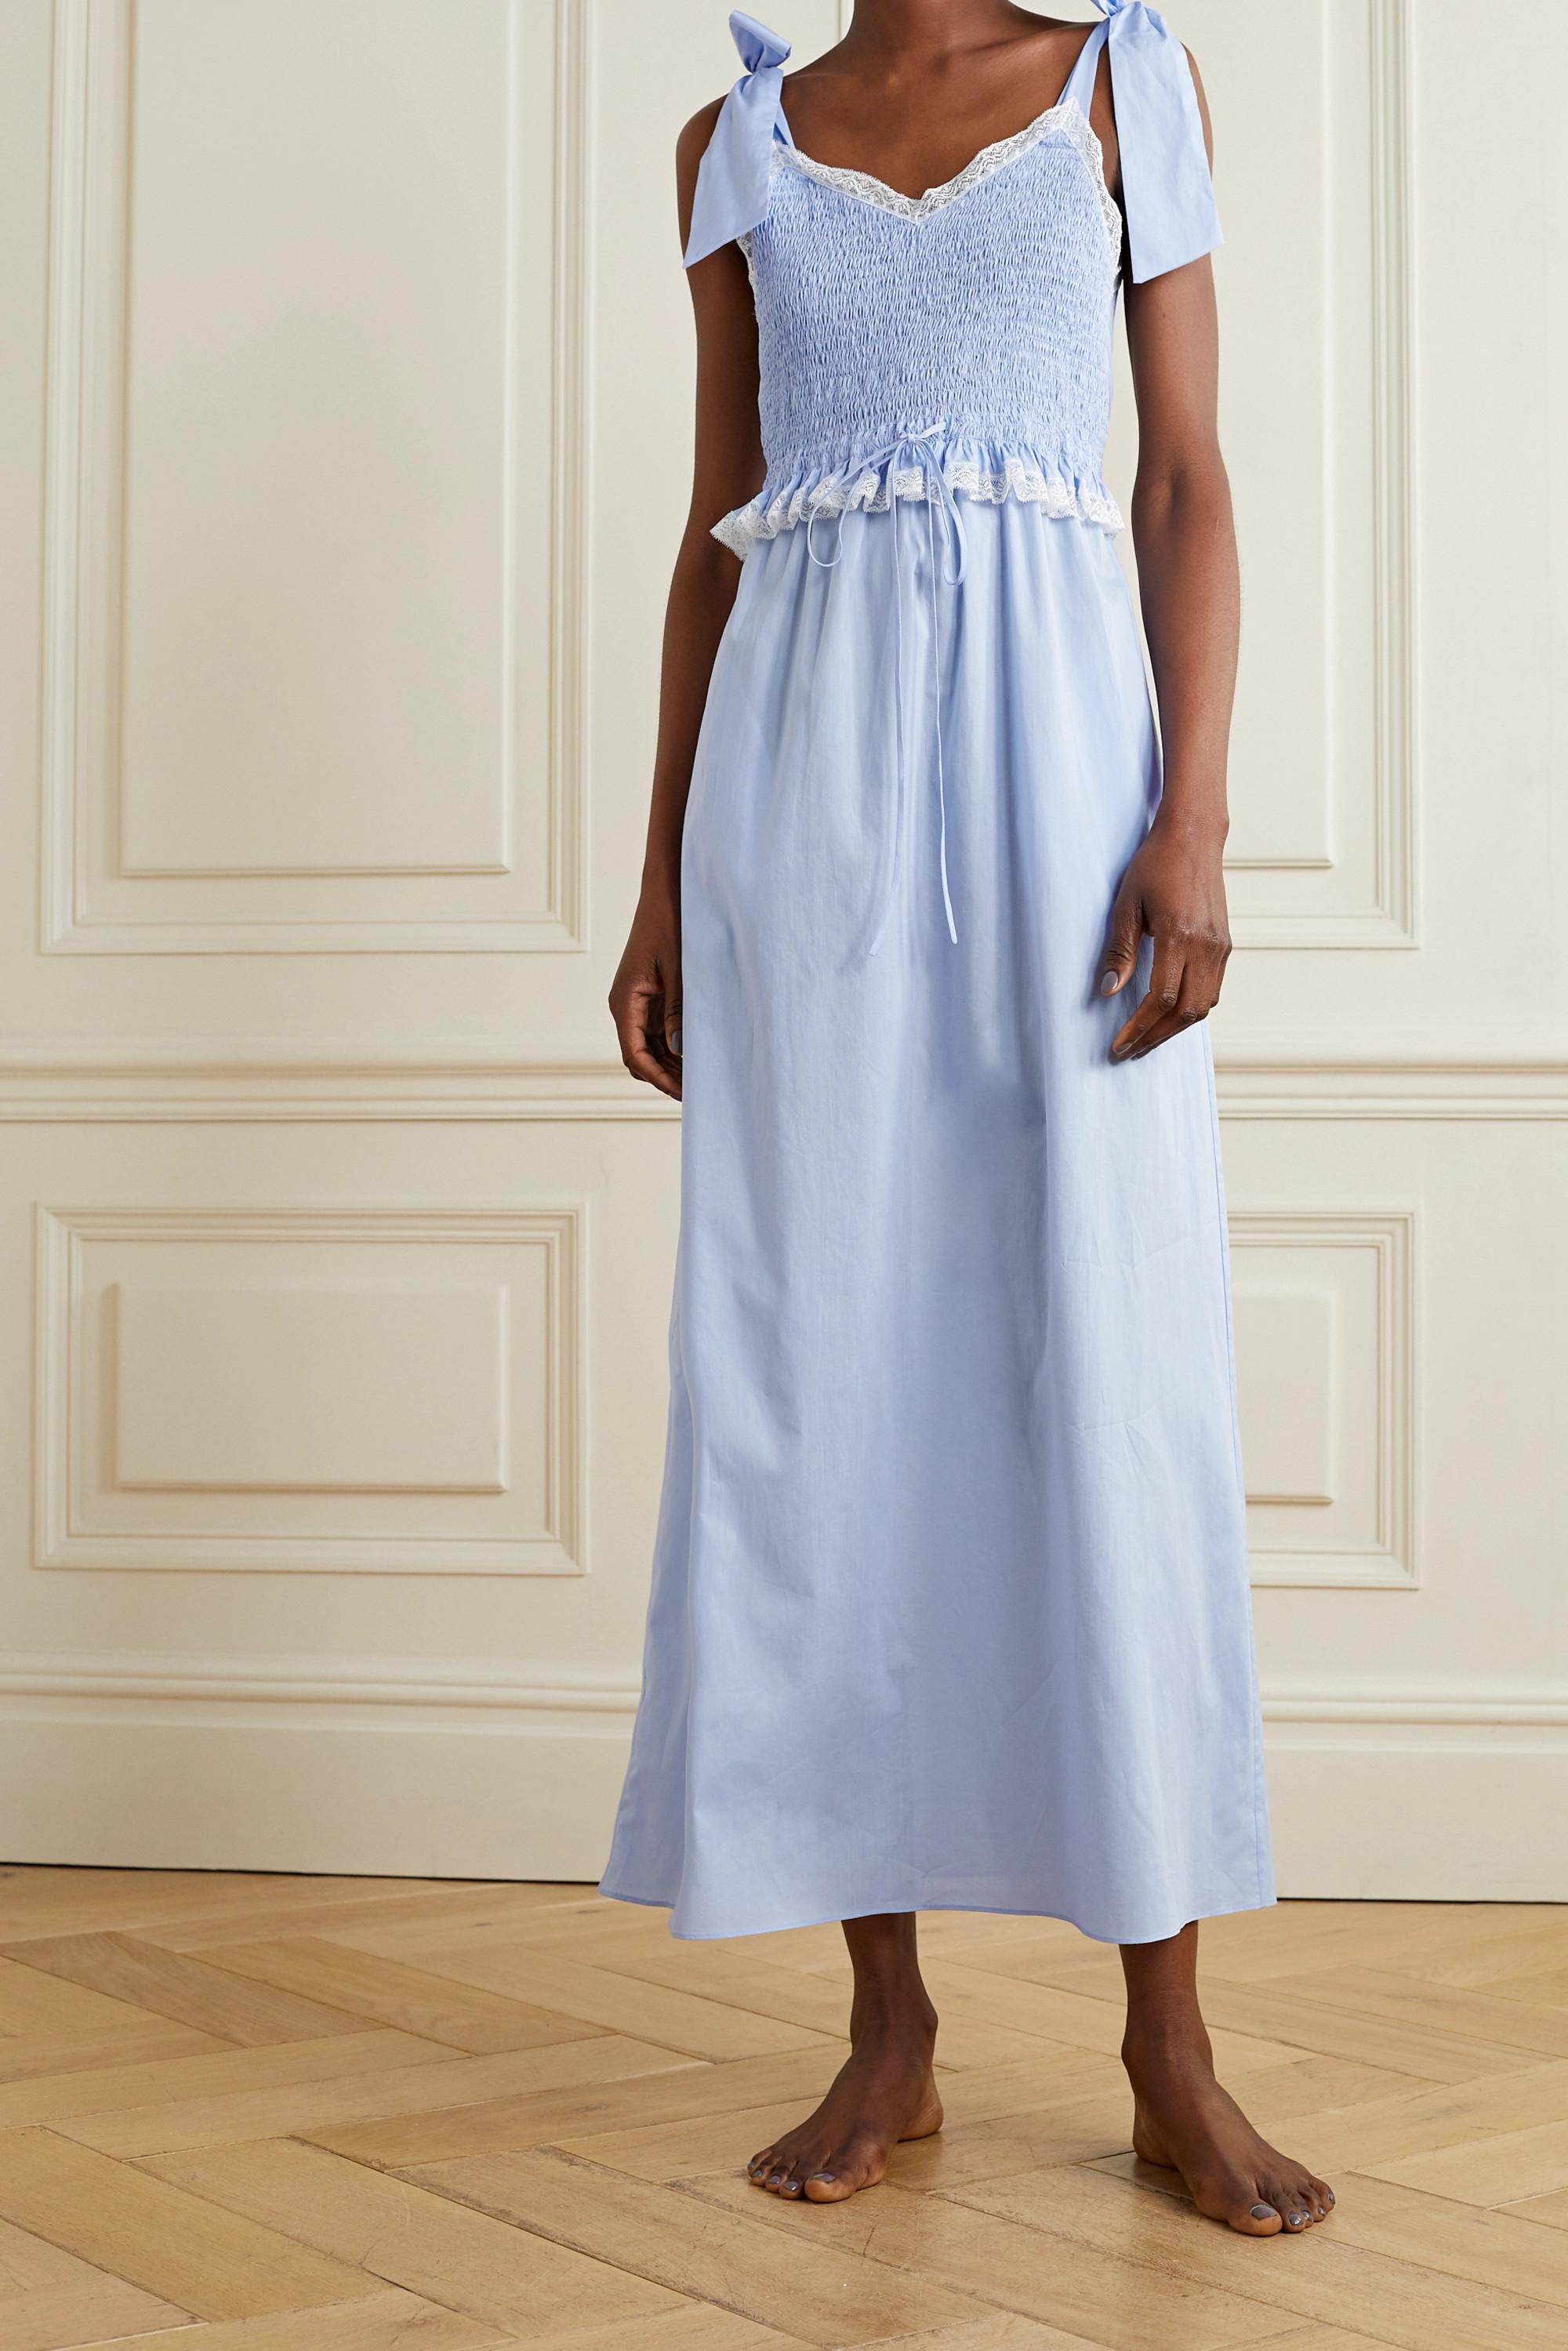 Loretta Caponi Viviana shirred lace-trimmed cotton-voile nightdress